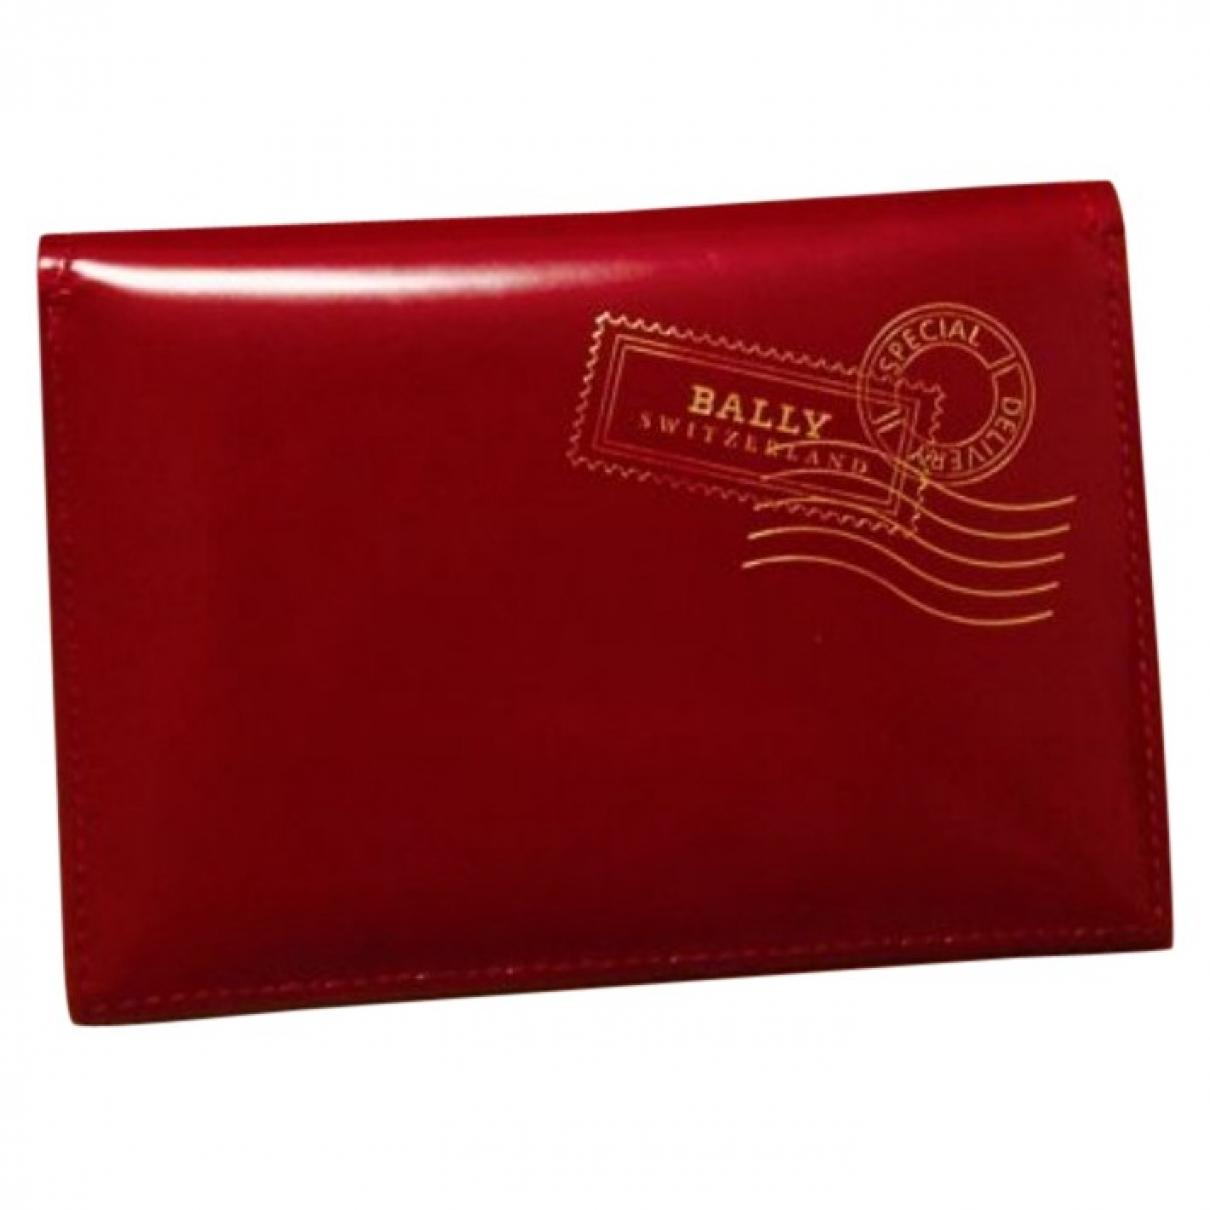 Bally - Portefeuille   pour femme en cuir verni - rouge